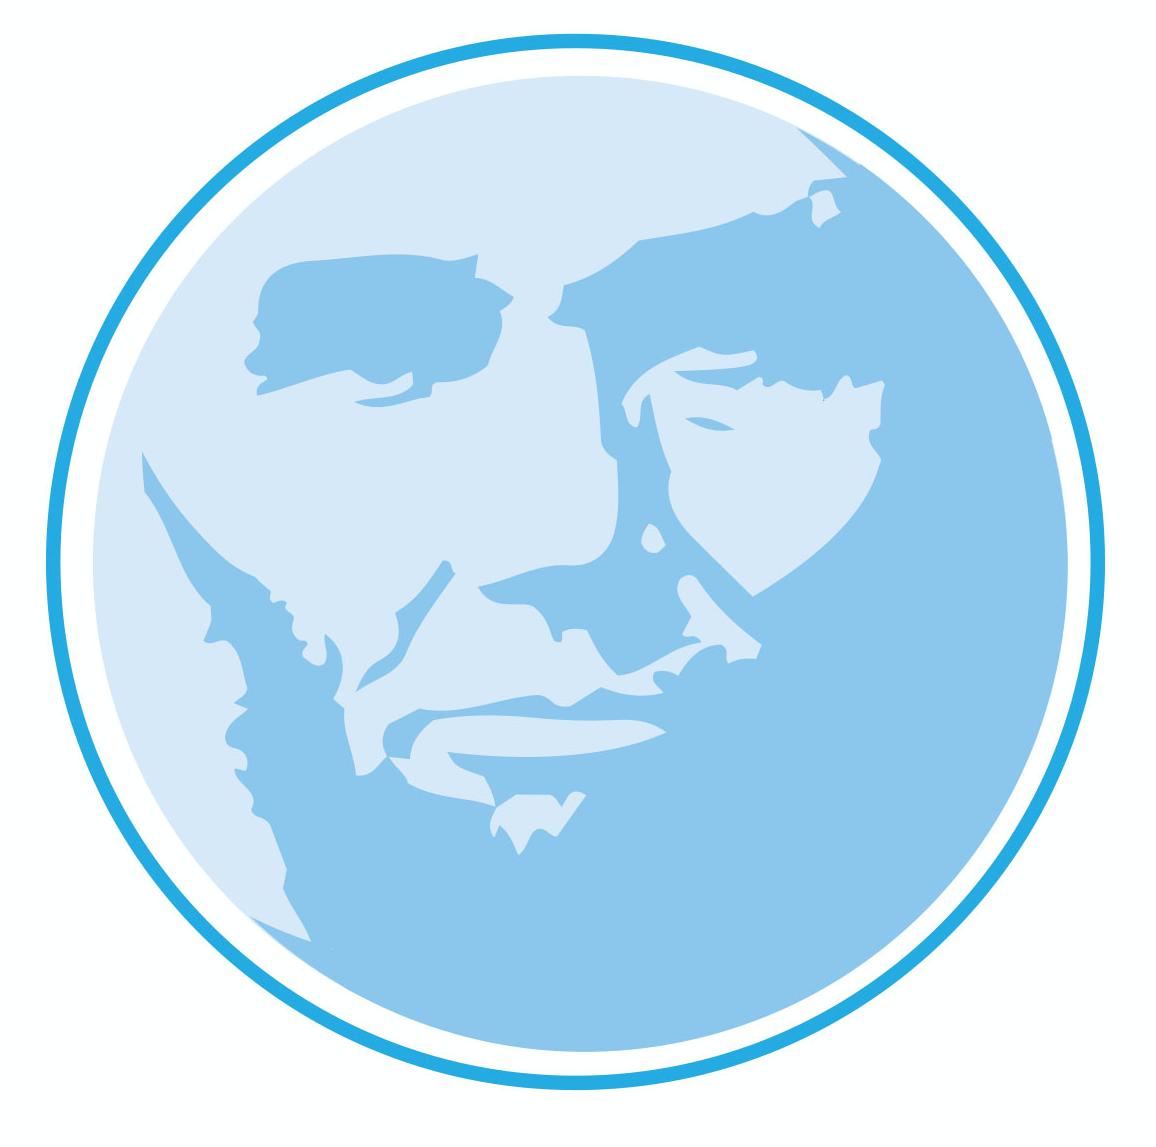 Go to LunarLincoln's profile